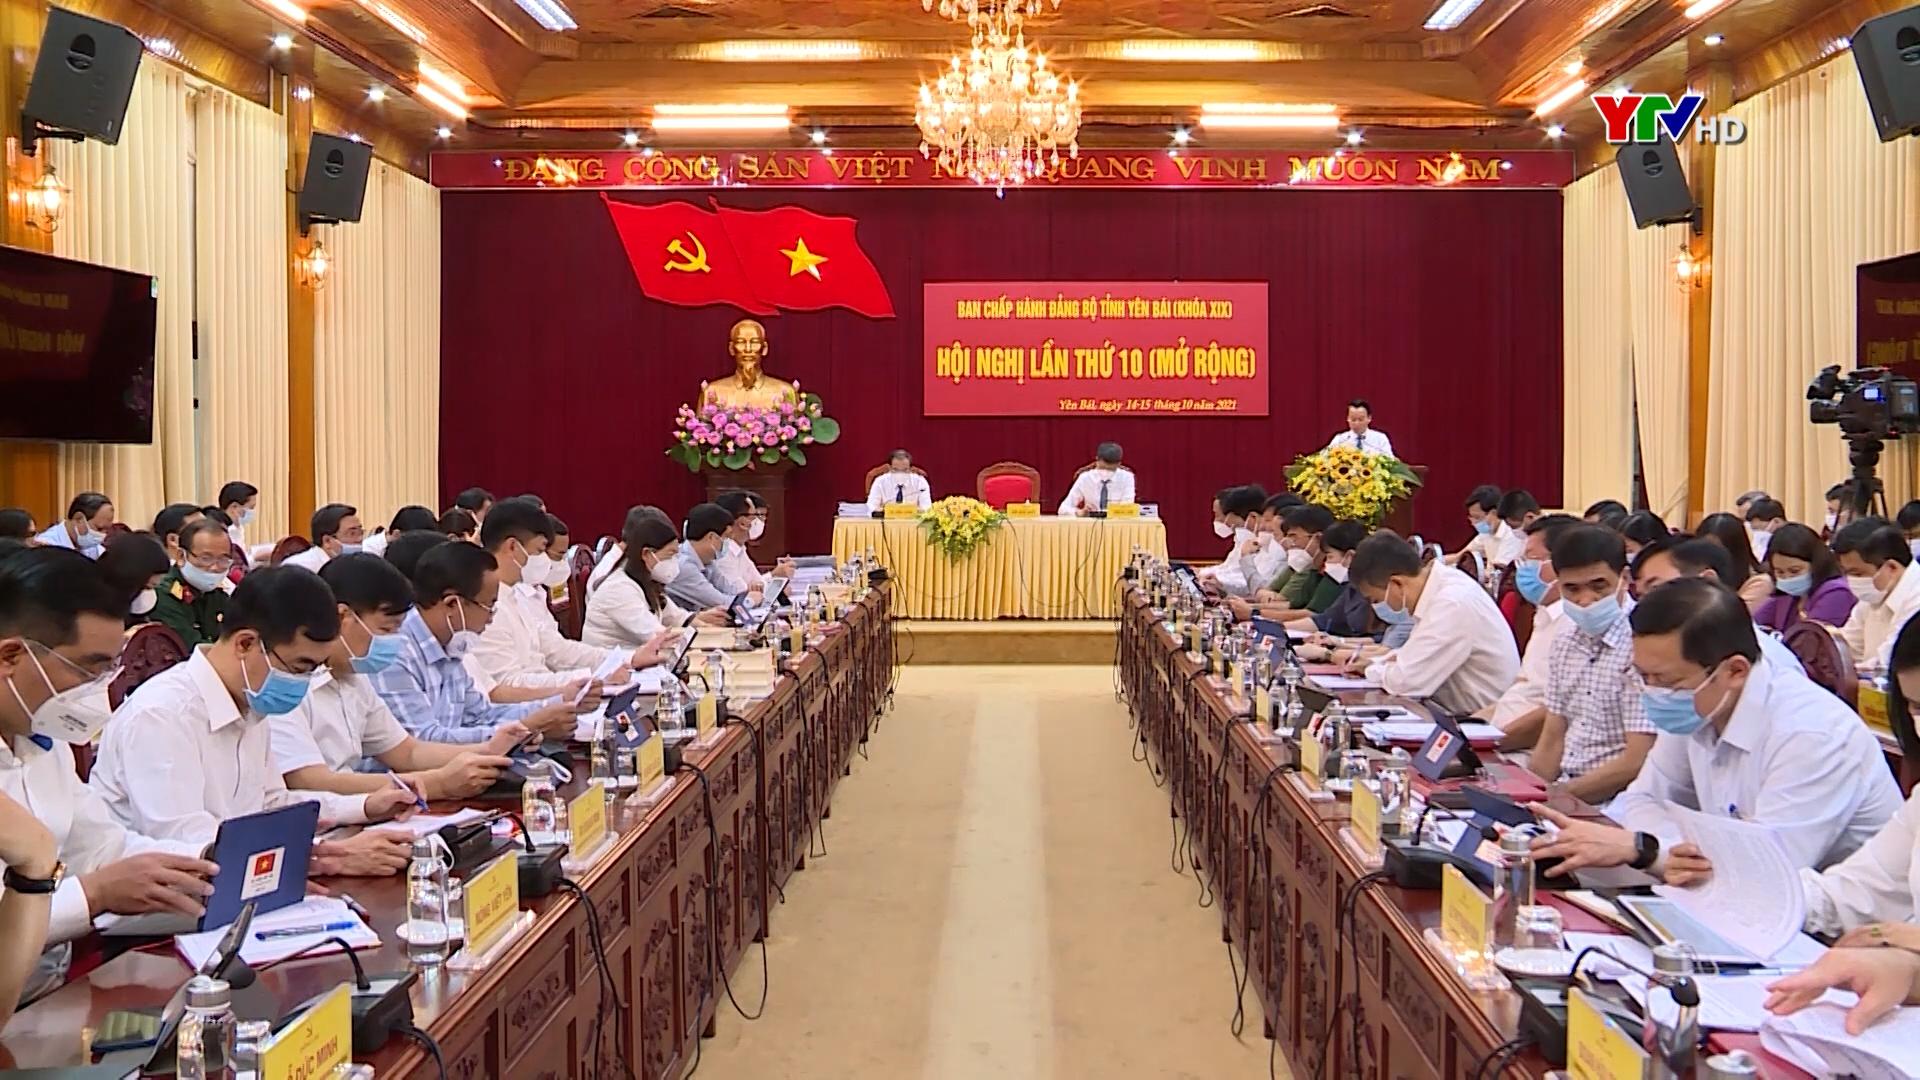 Khai mạc Hội nghị Ban Chấp hành Đảng bộ tỉnh Yên Bái lần thứ 10 ( mở rộng)